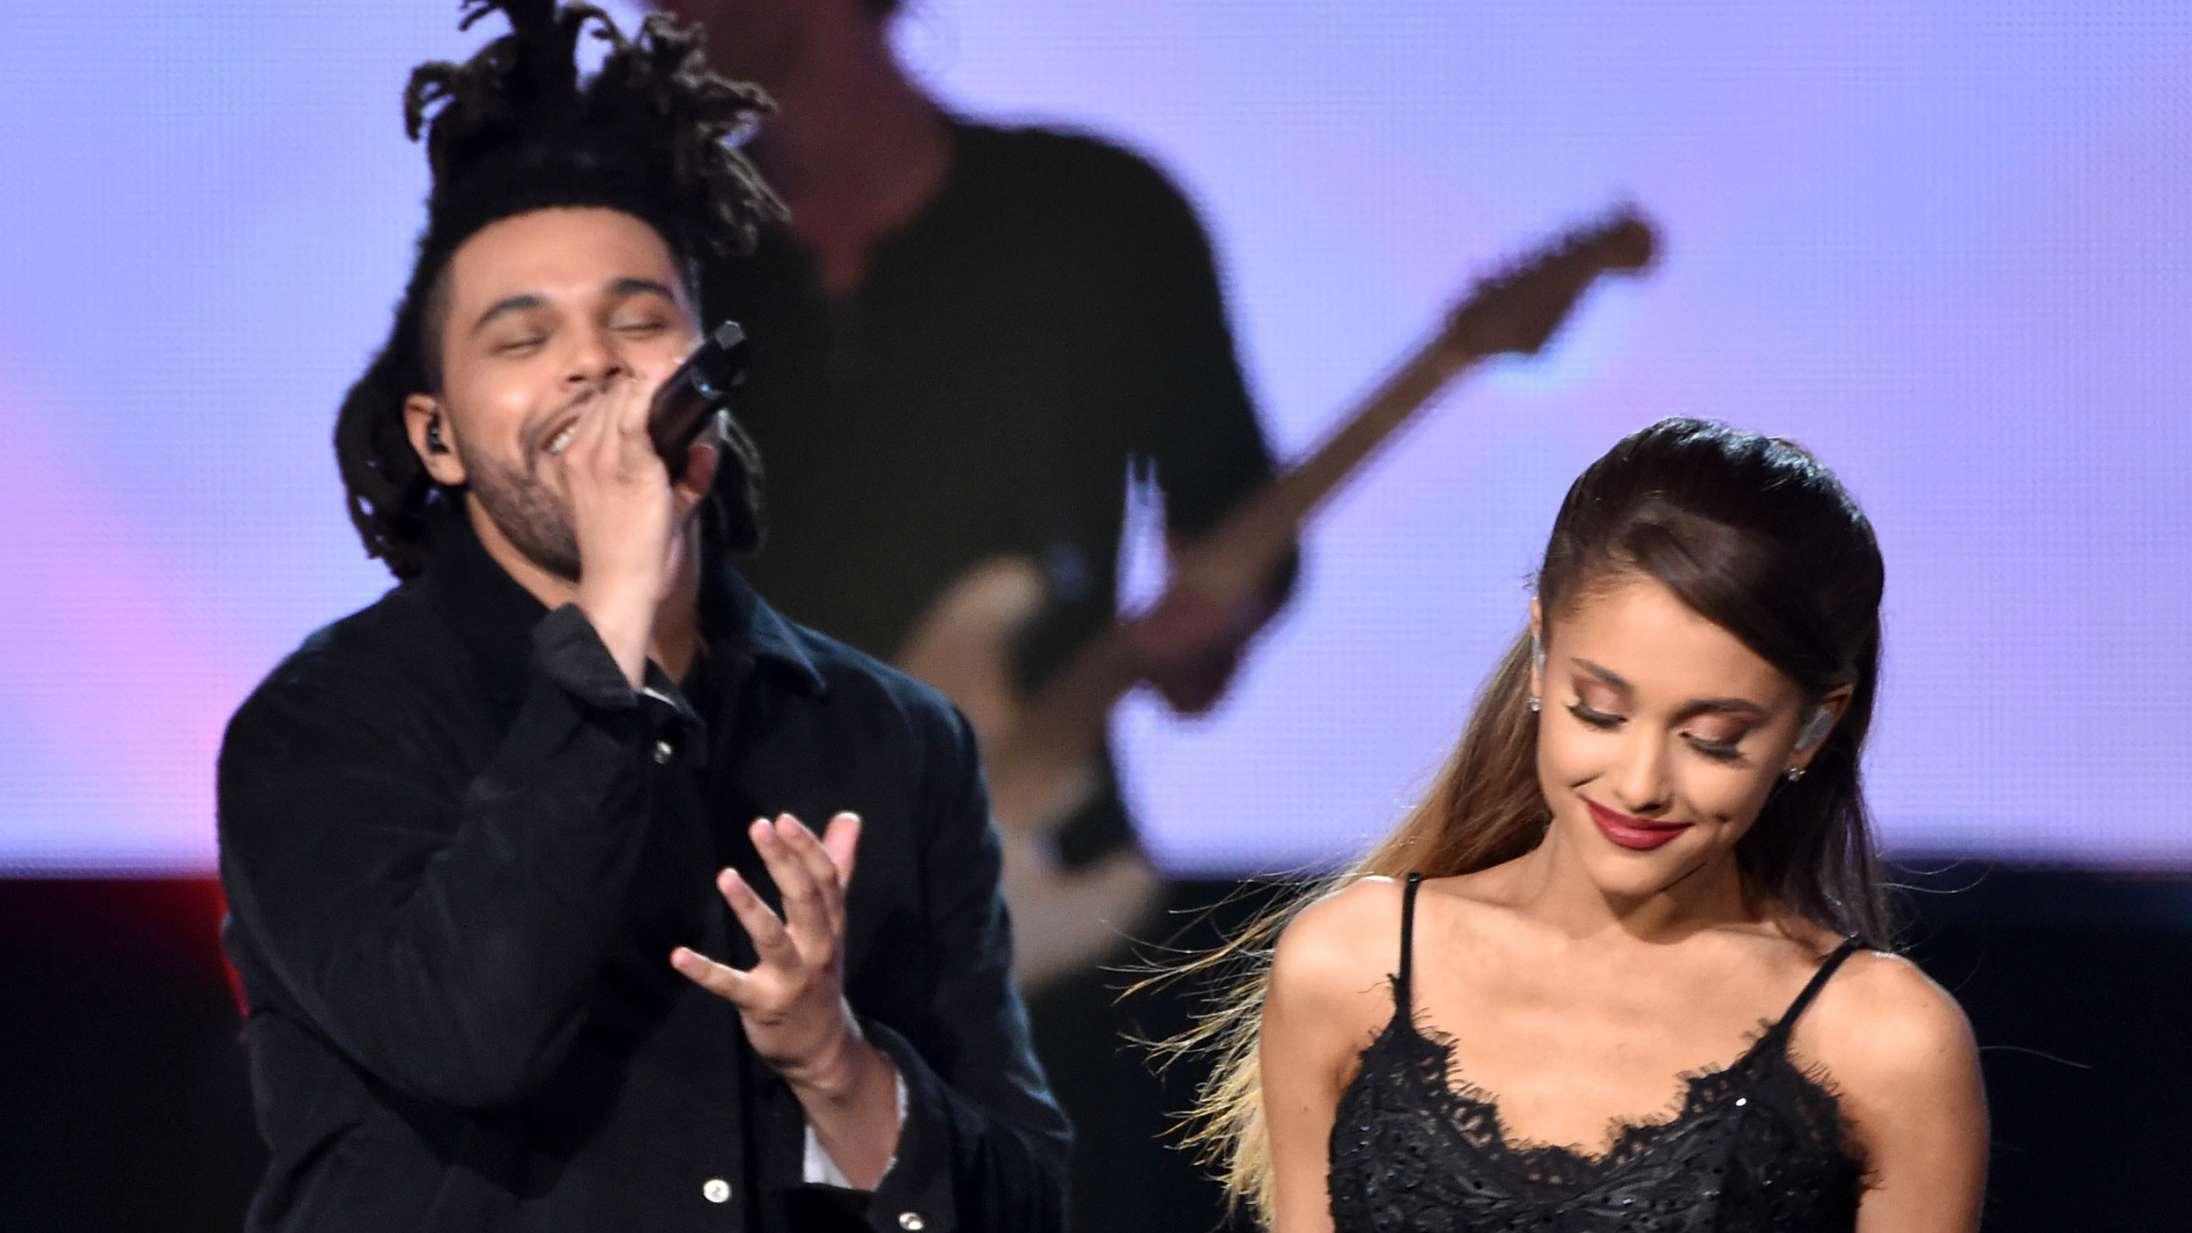 Hvad er det, The Weeknd og Ariana Grande teaser på sociale medier?